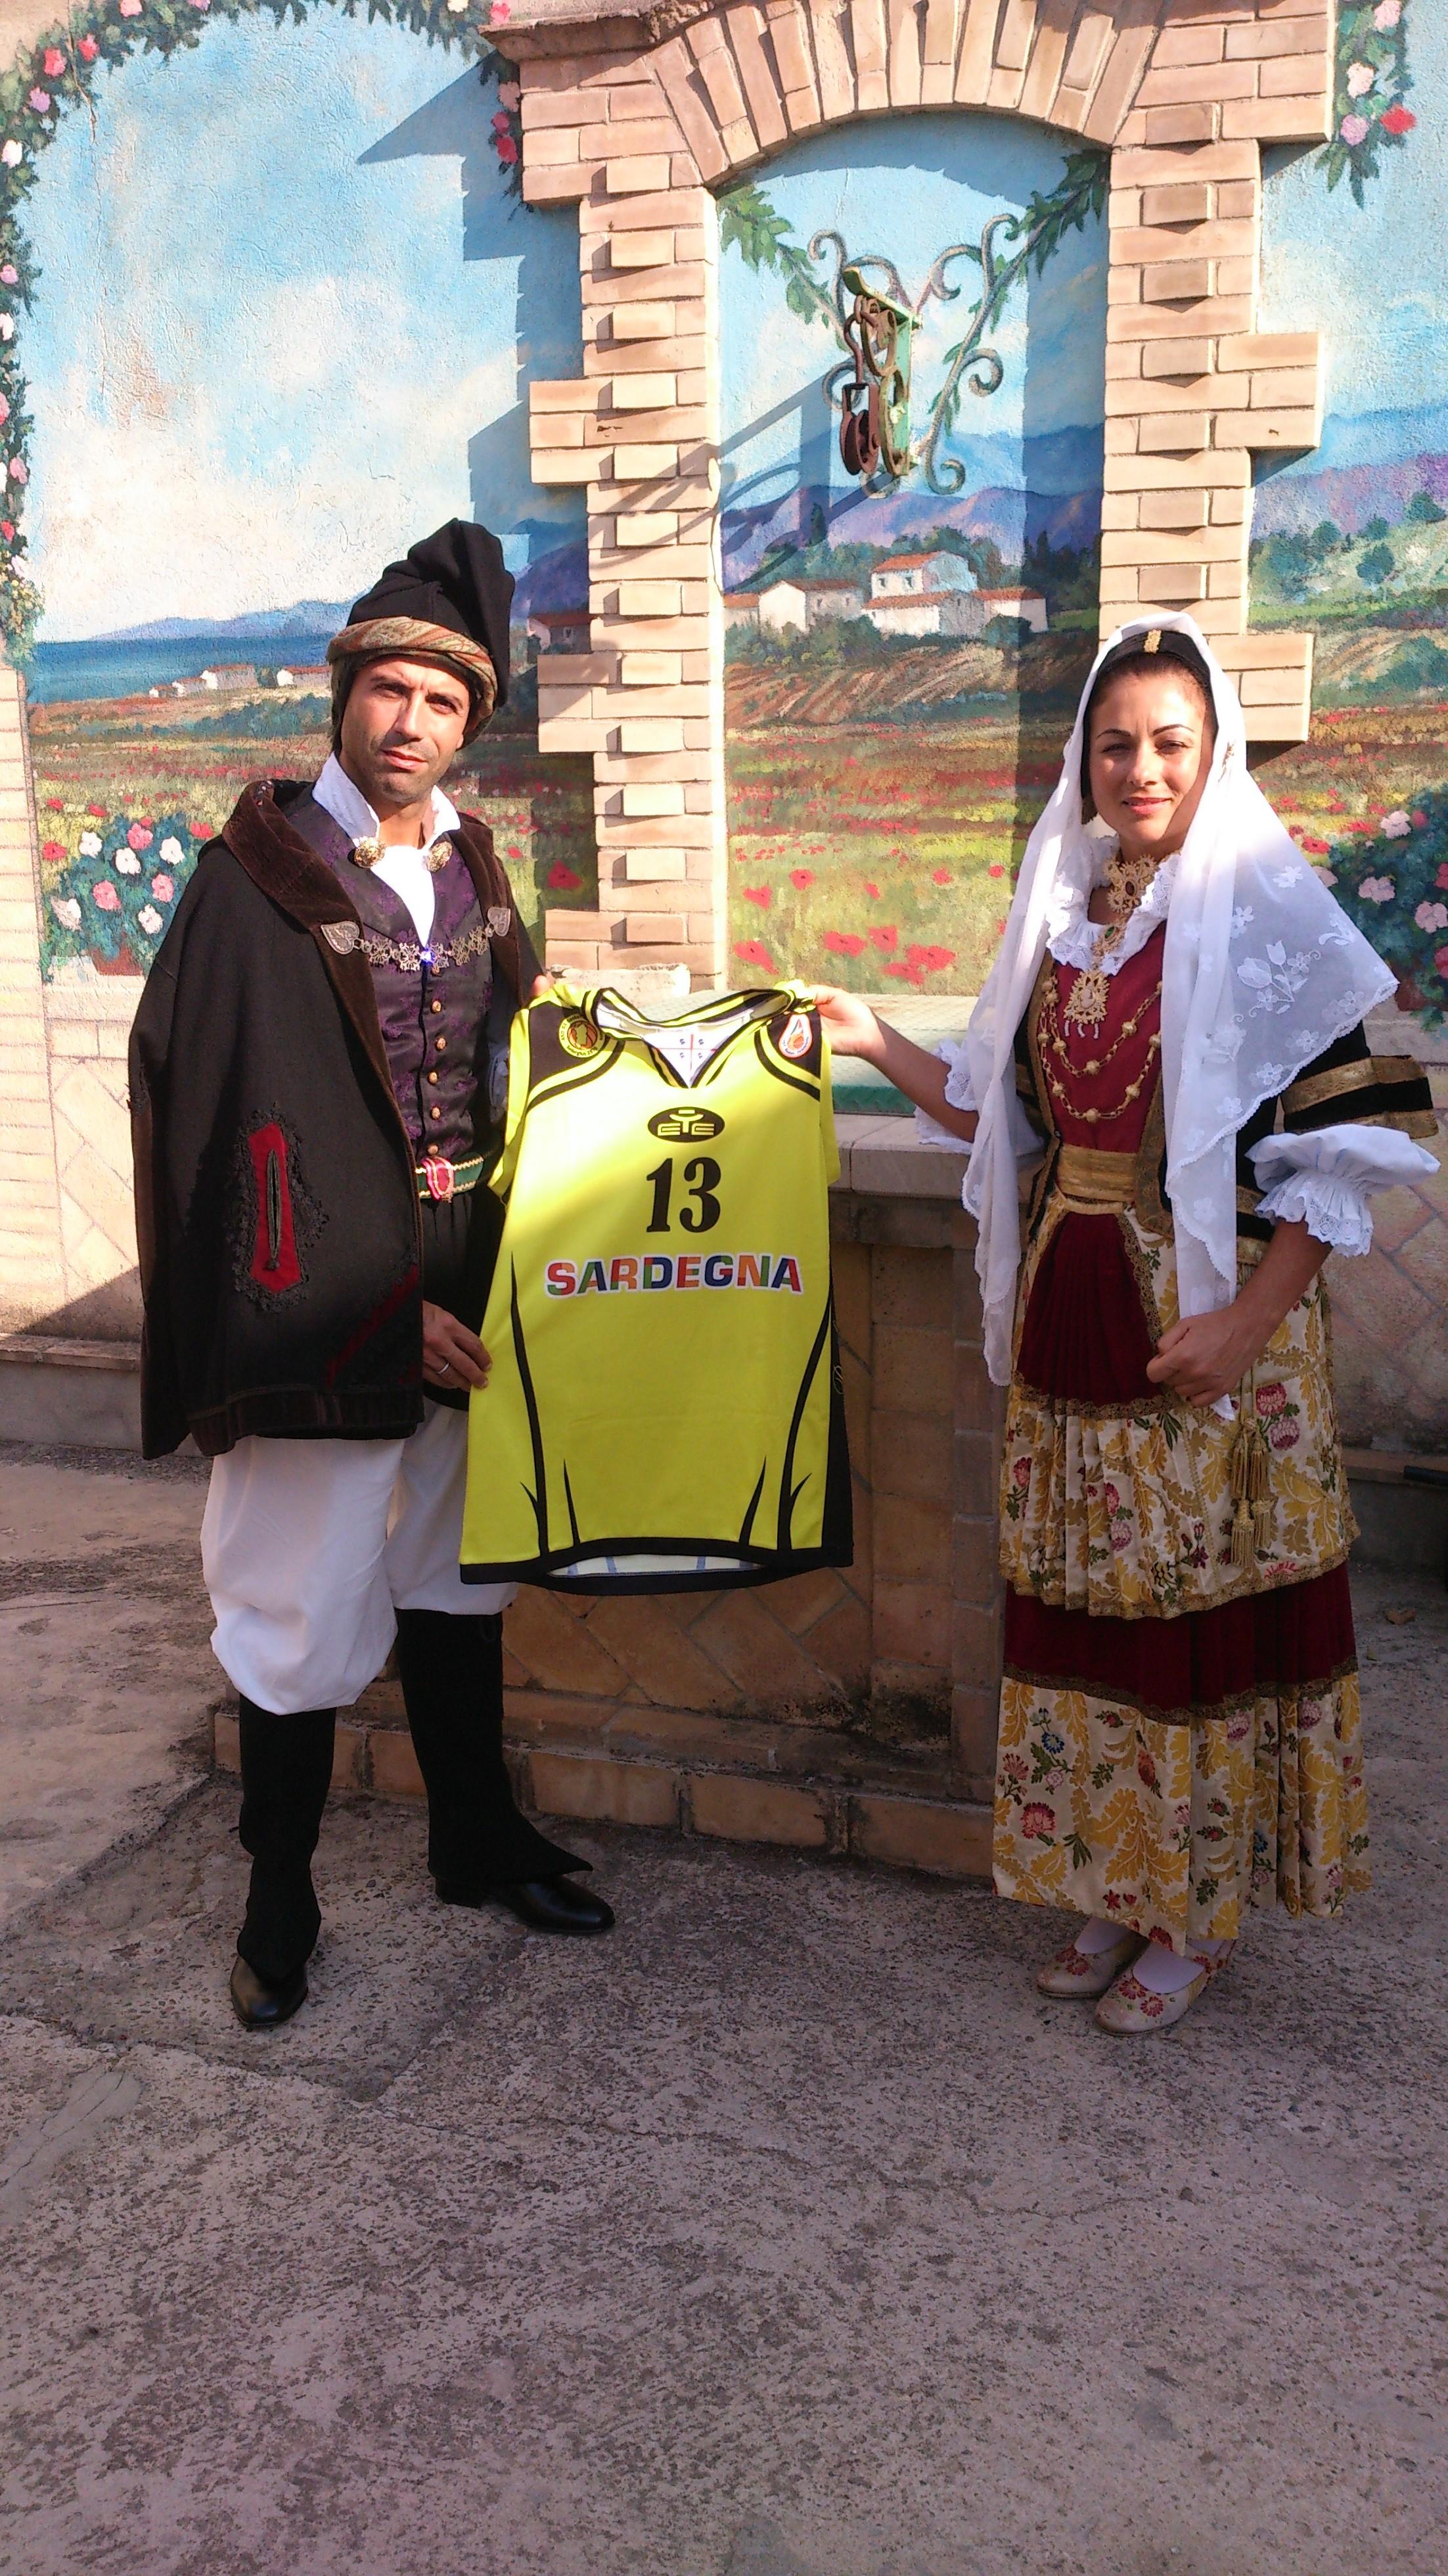 Sposi matrimonio selargino - Selargius Basket San Salvatore